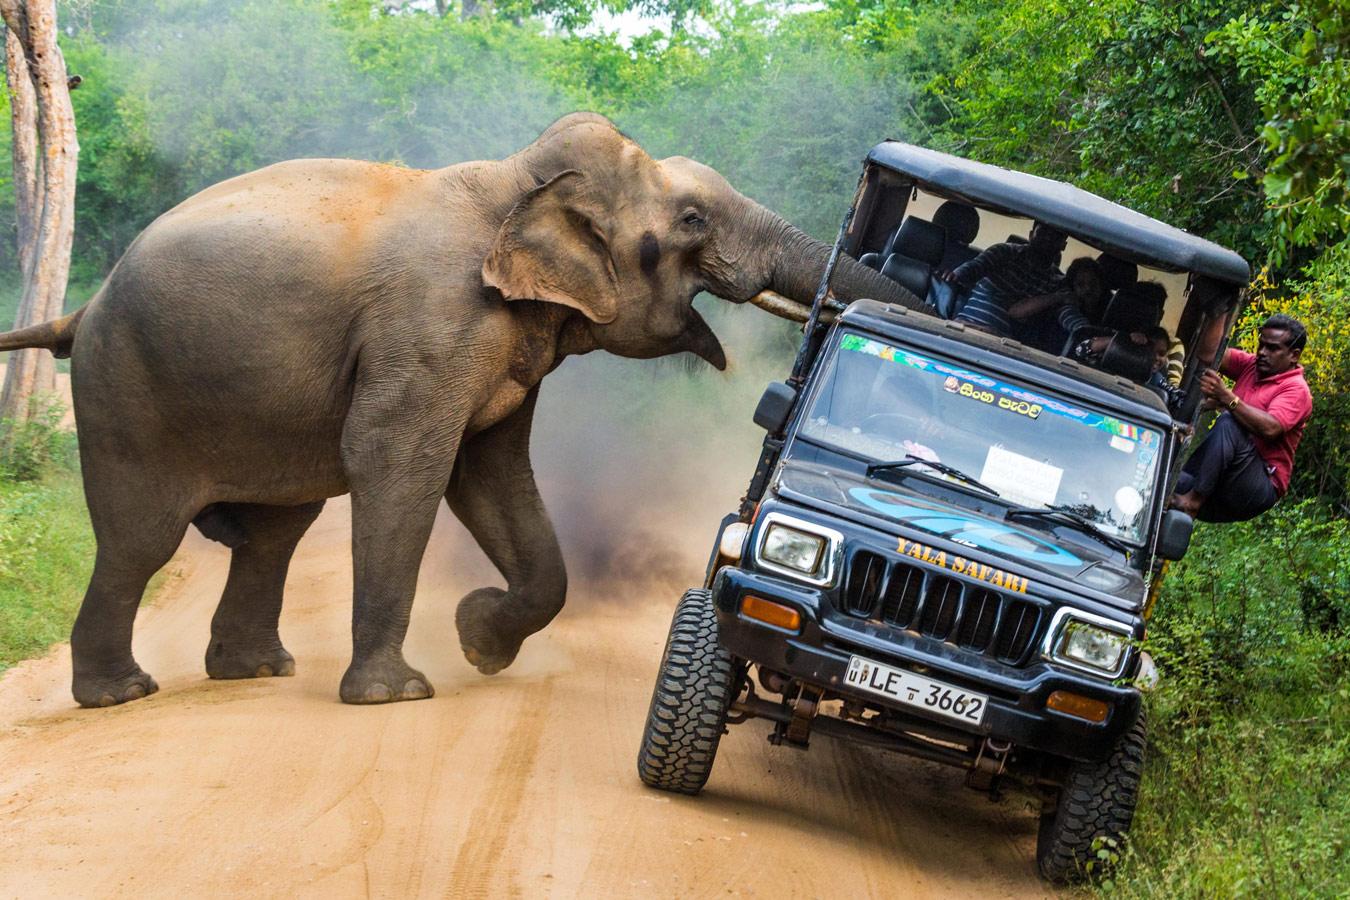 Это мои джунгли!, © Сергей Савви, Третье место, Фотоконкурс «Золотая Черепаха»